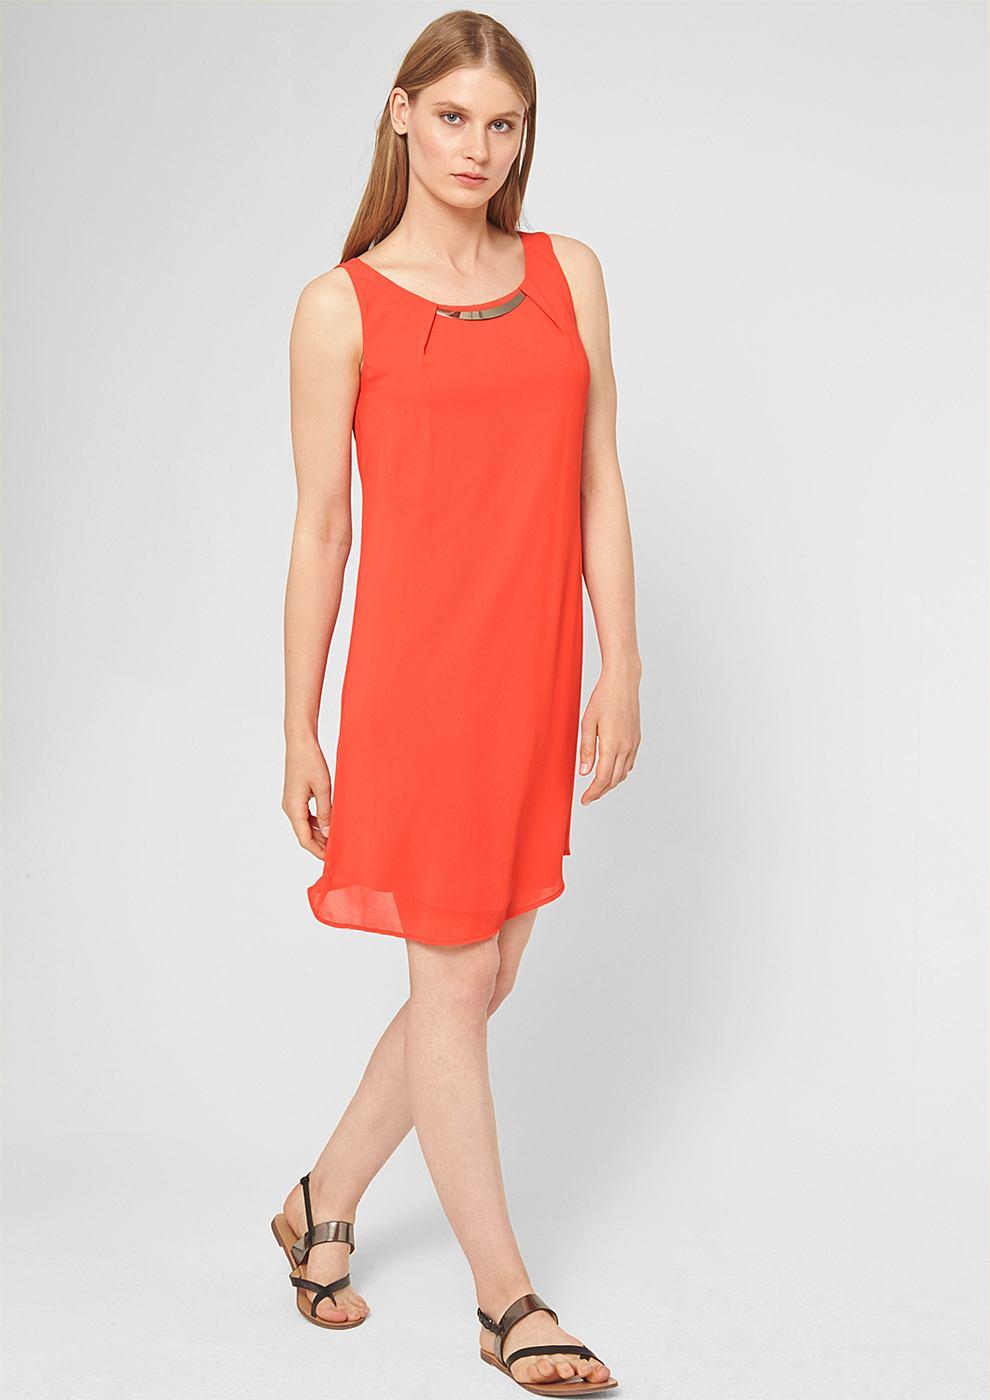 s.Oliver Premium Versierde chiffon jurk rood